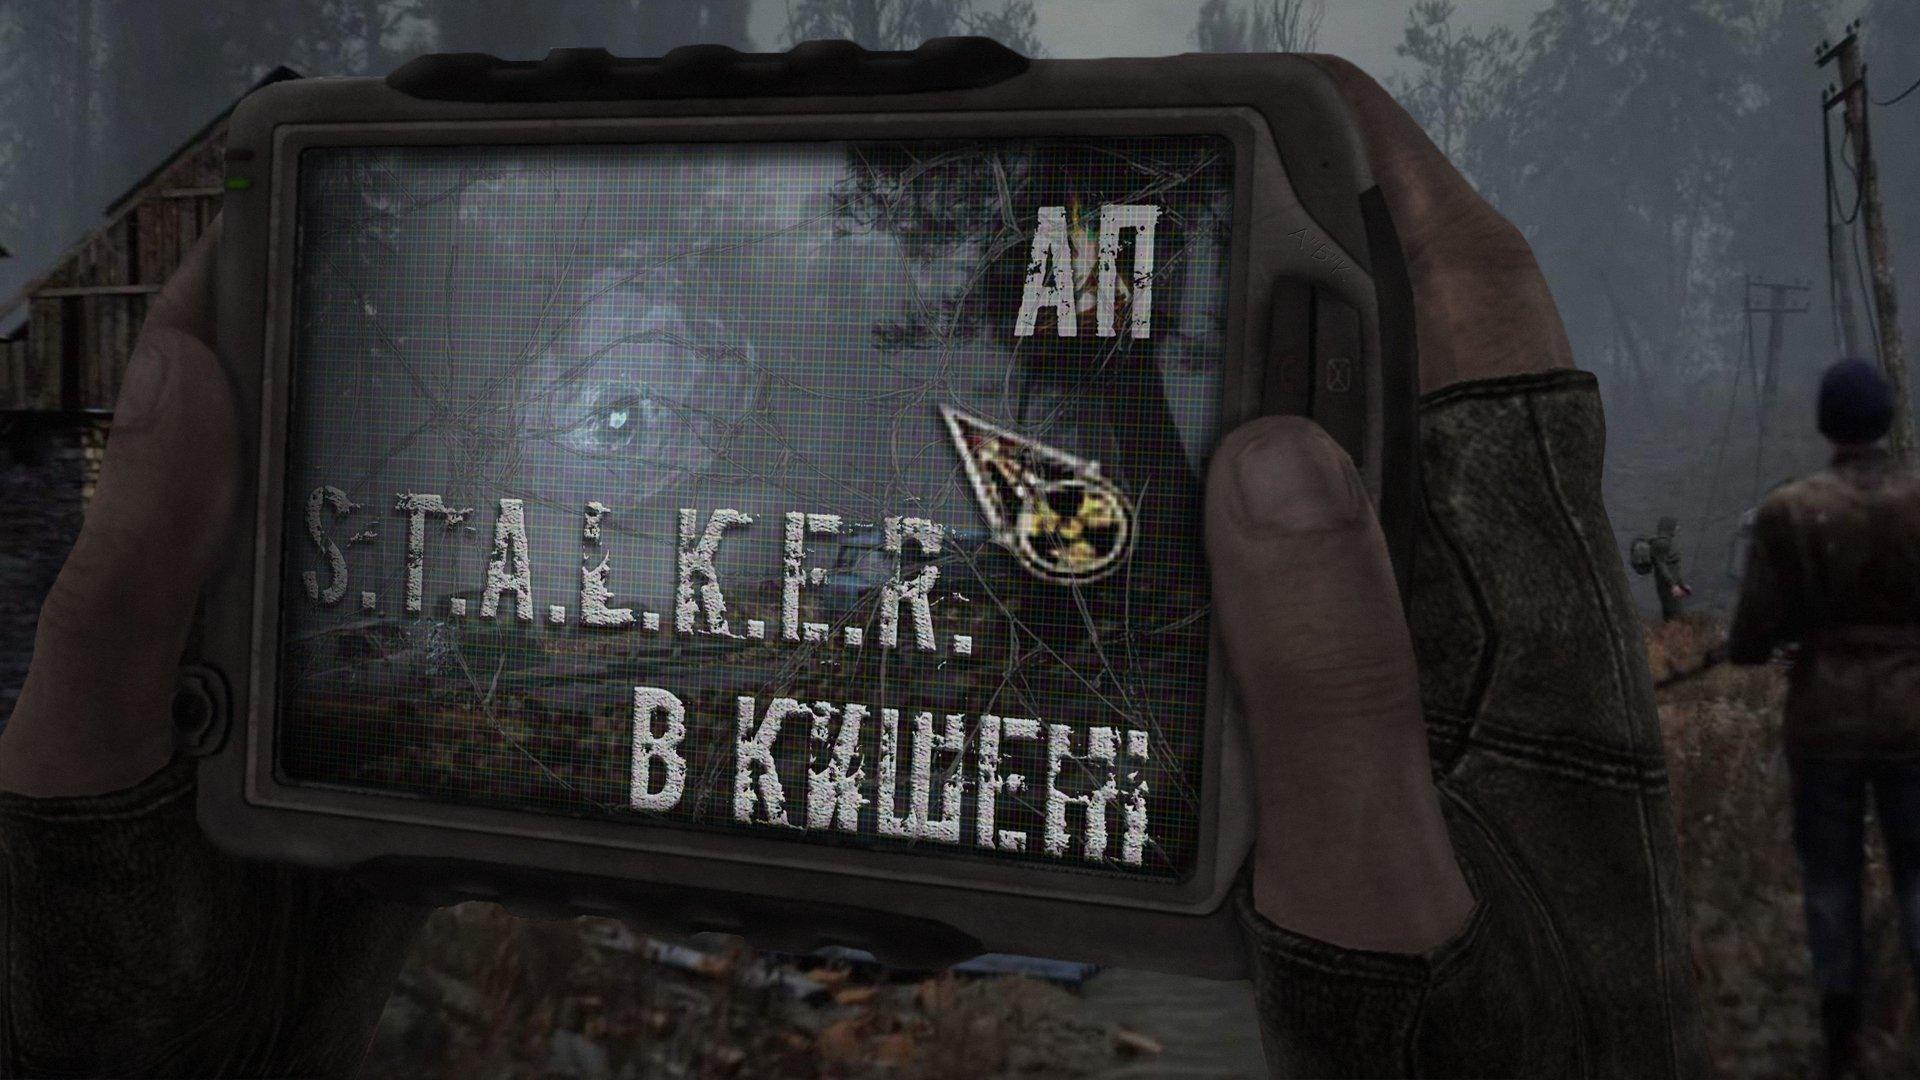 S.T.A.L.K.E.R. в смартфоне: насколько это неосуществимая мечта?